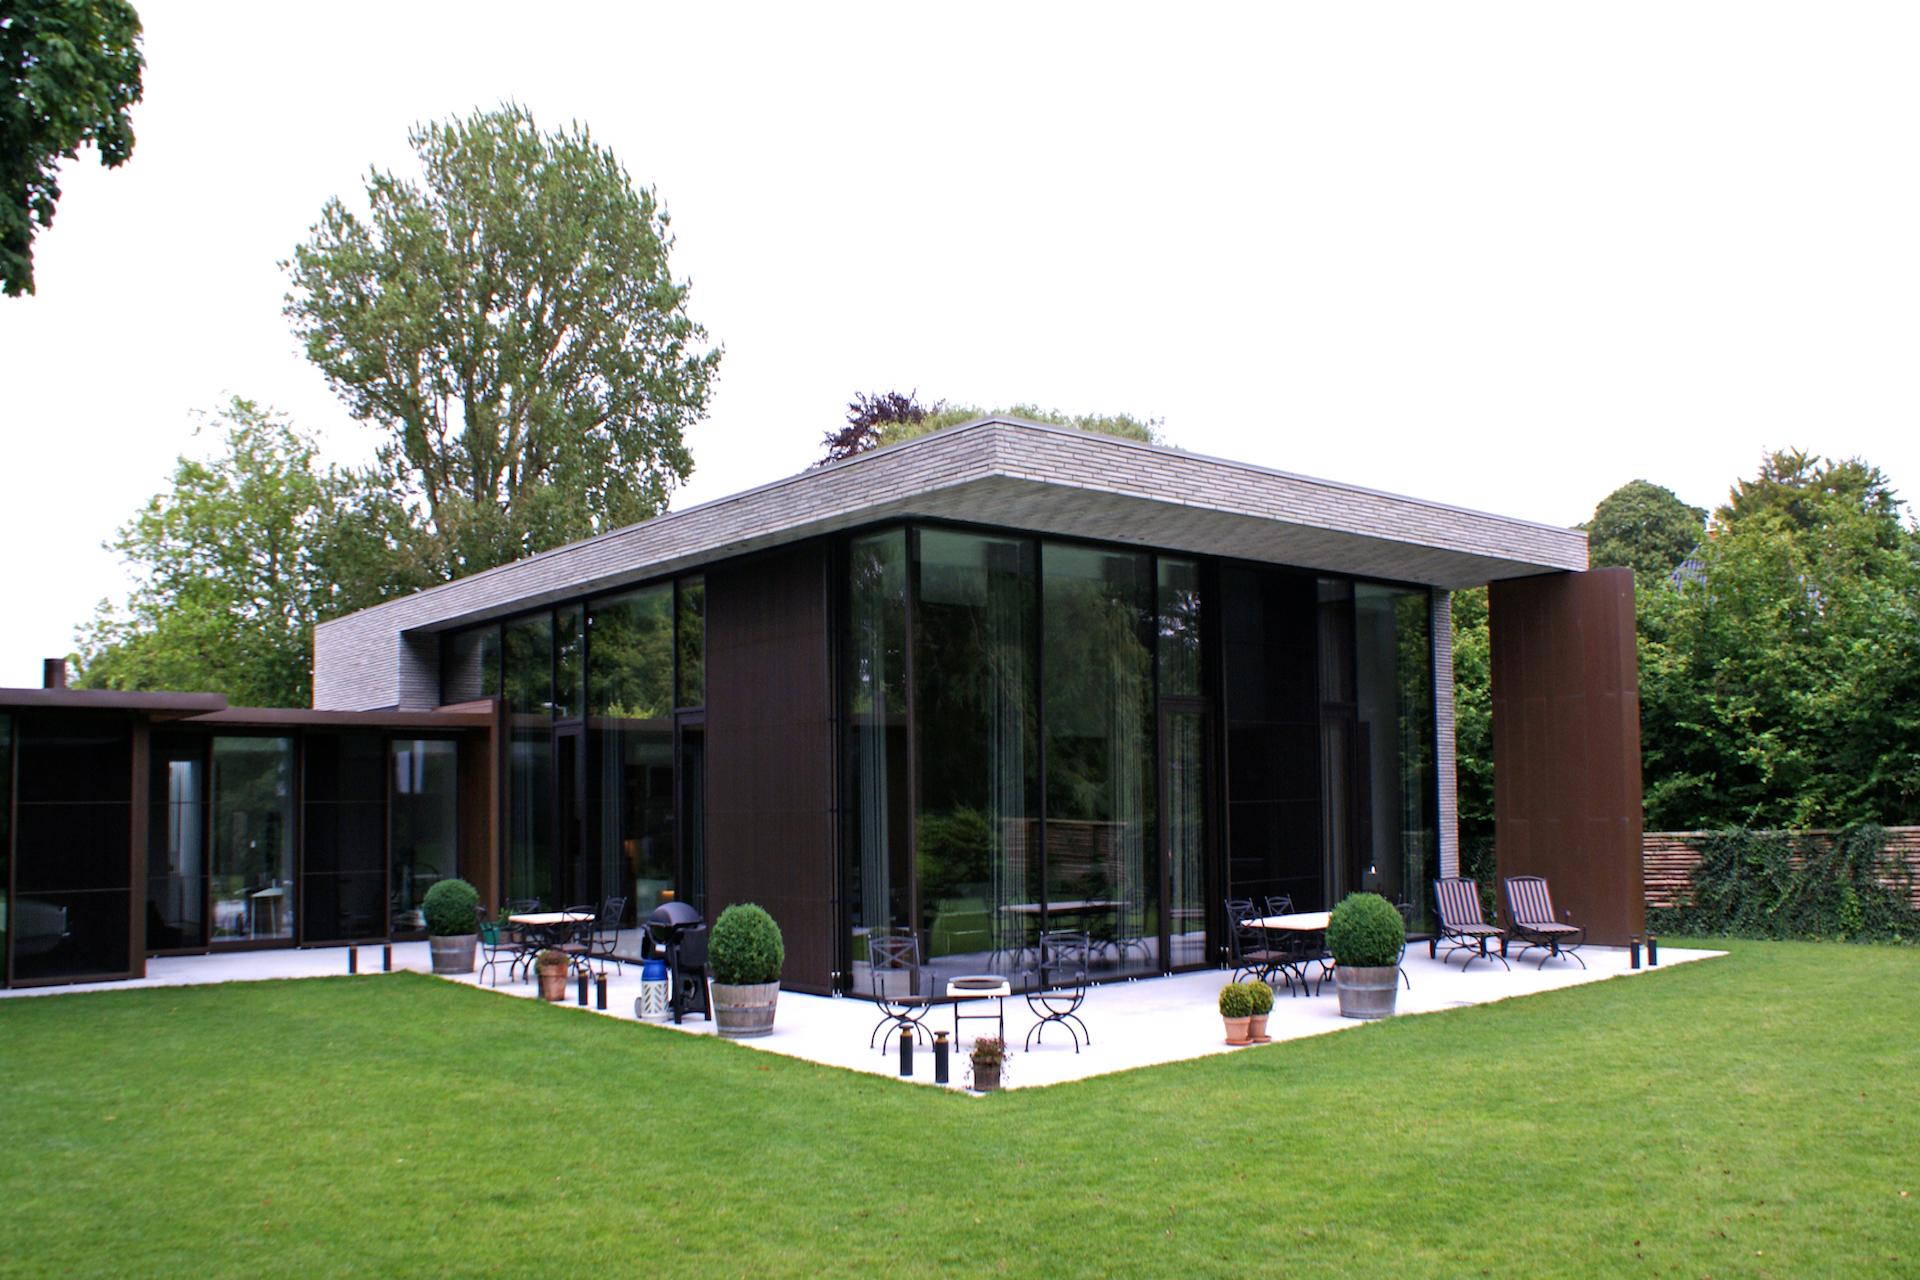 Rekordhandel på 27 mio. kr.: Her er det dyreste hus nogensinde solgt i Aalborg